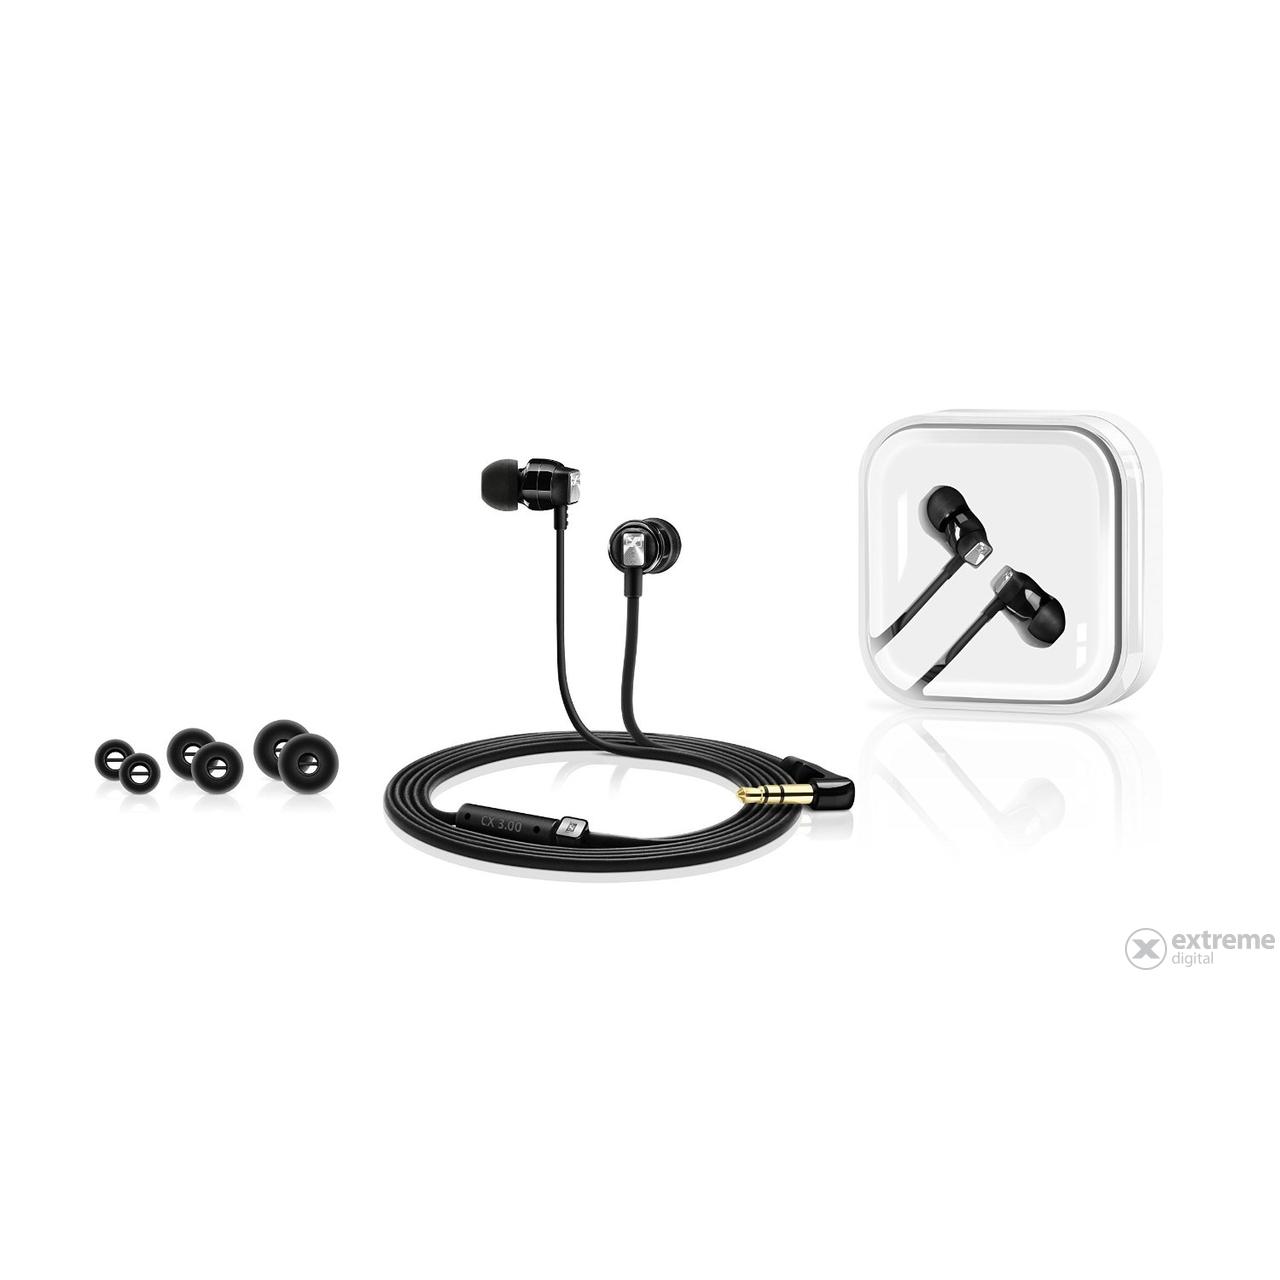 Sennheiser CX 3.00 BLACK hallójárati fülhallgató f892c08dcc